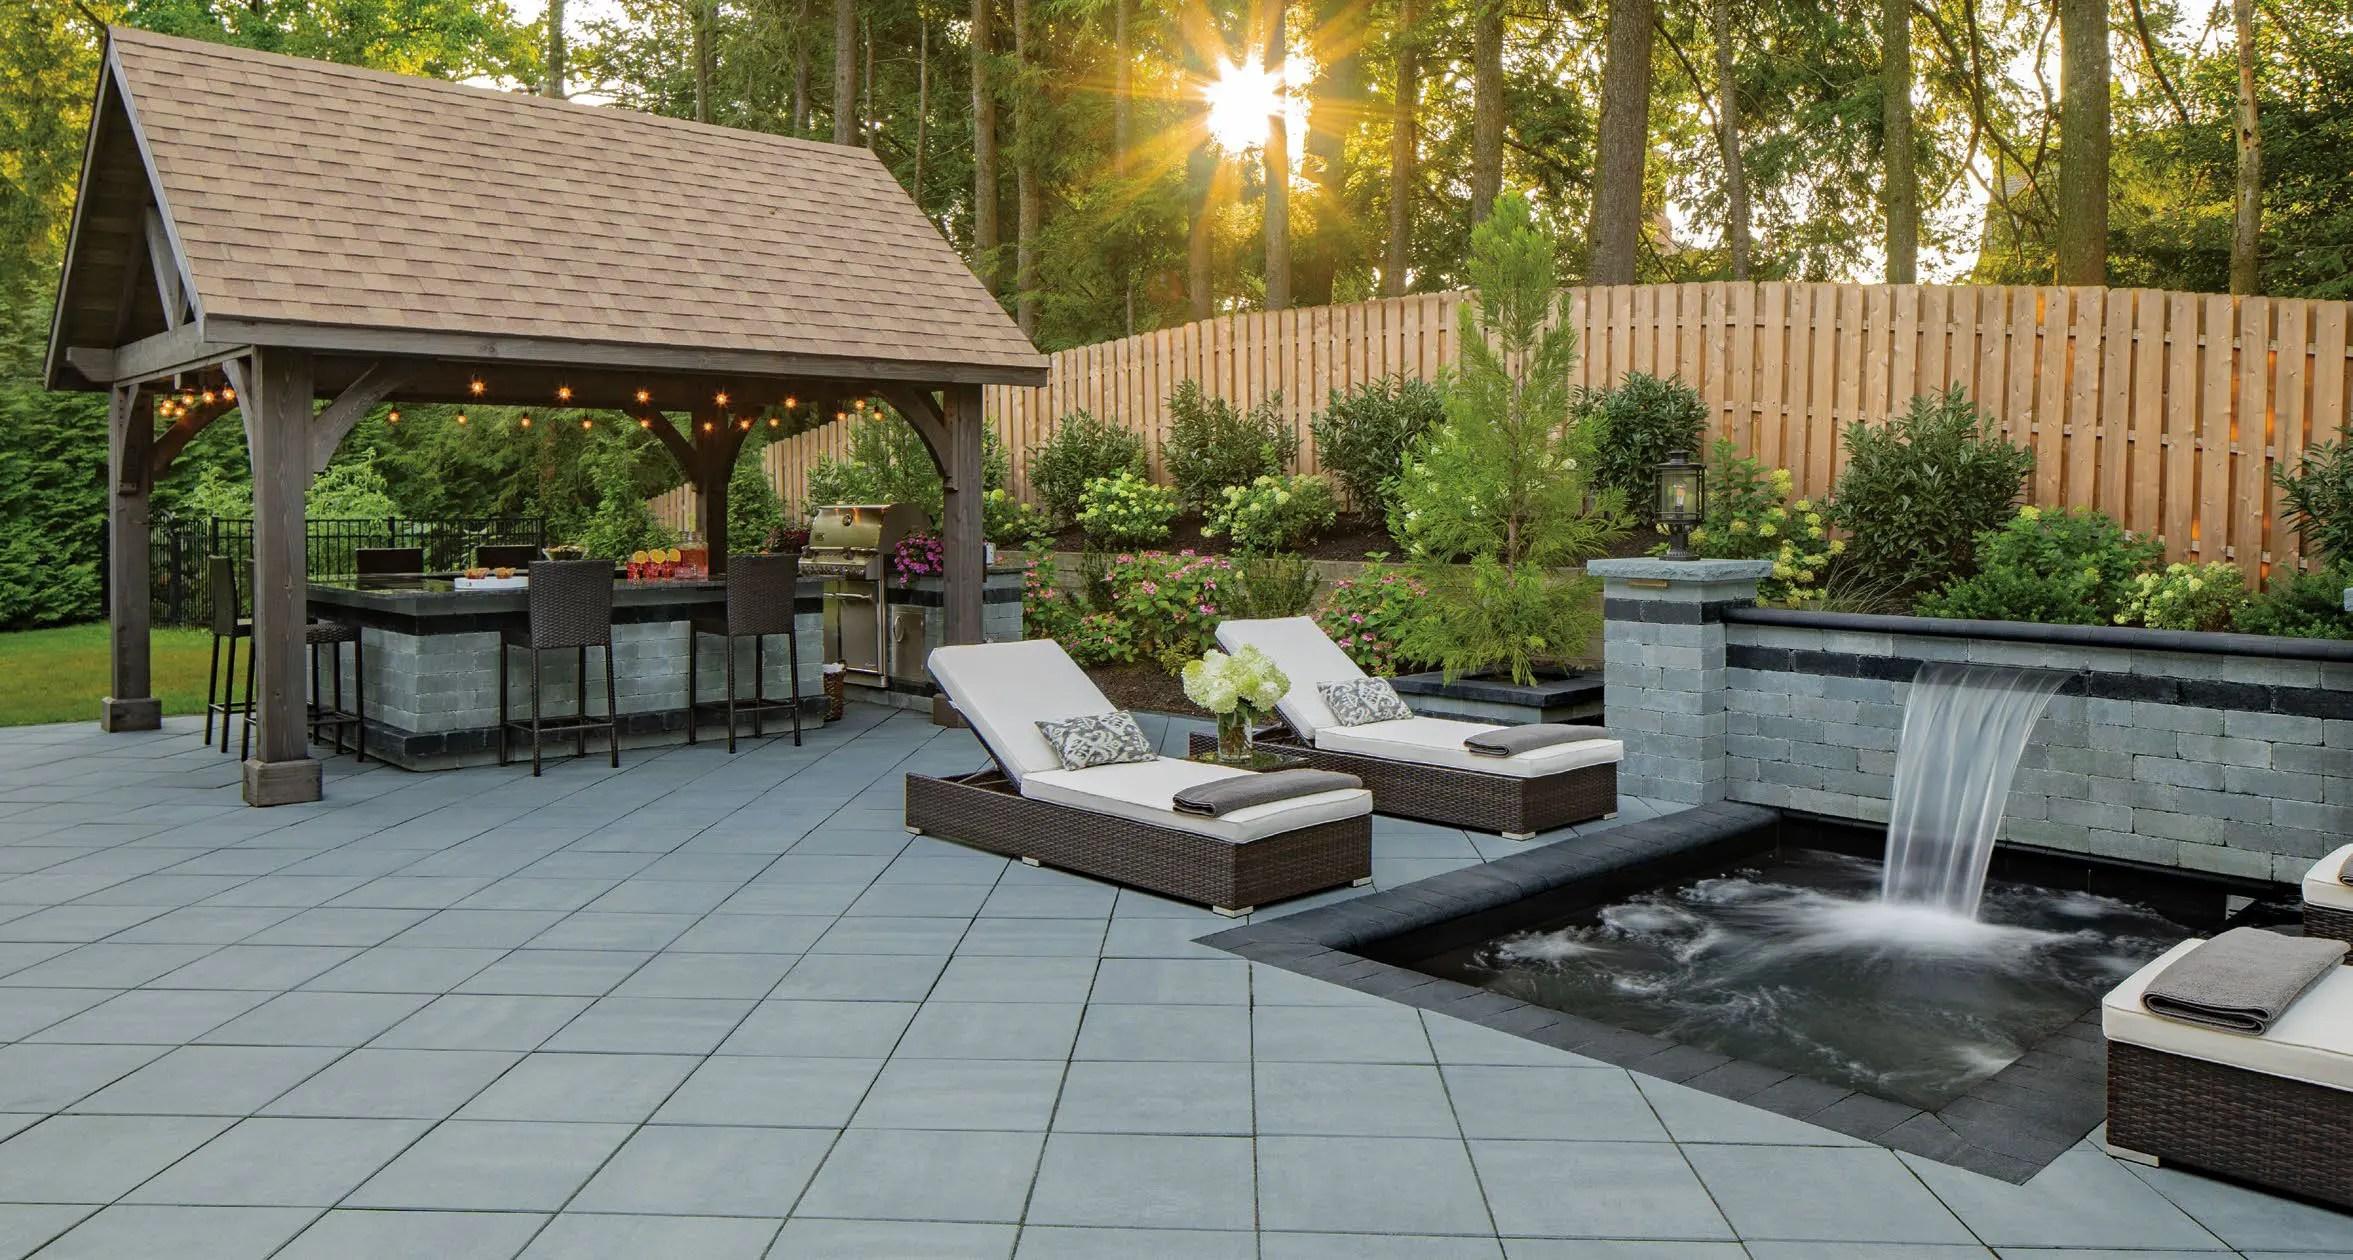 cambridge ledgestone smooth patio with